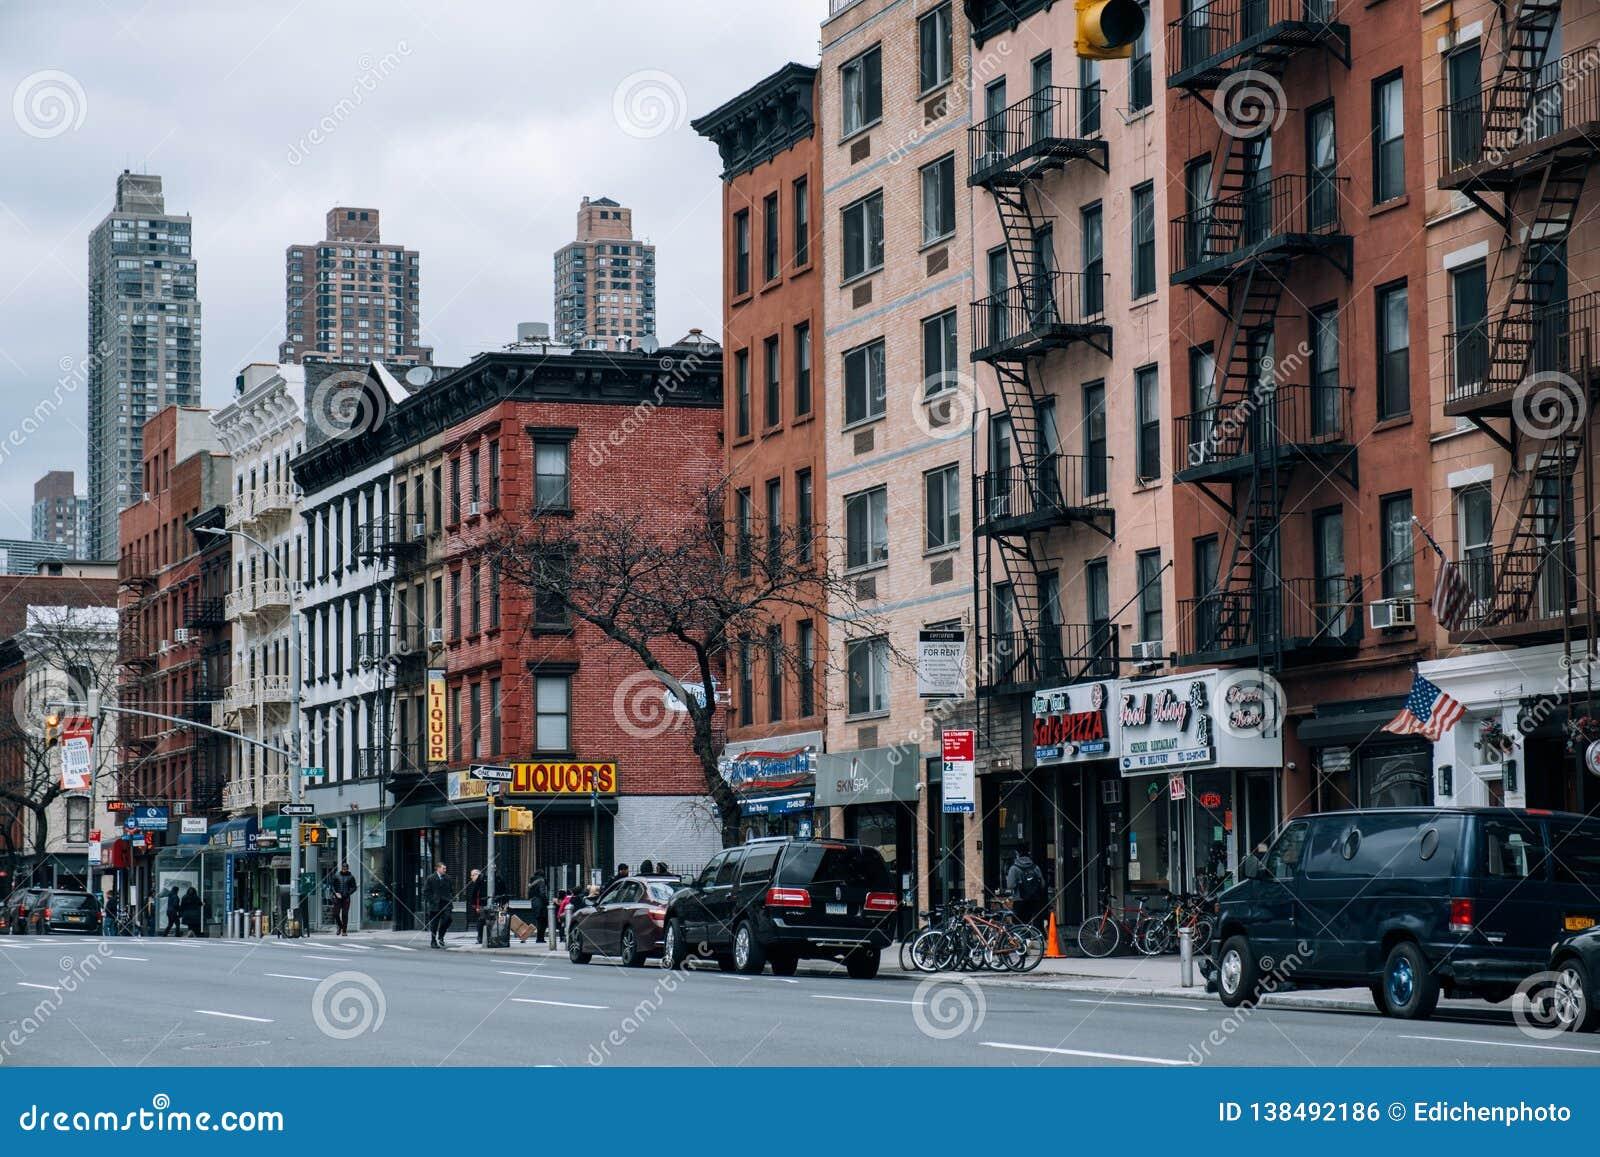 Restaurante, edificios viejos, escaparate de la escena de la calle de la cocina de los infiernos en el lado oeste de Midtown Manh